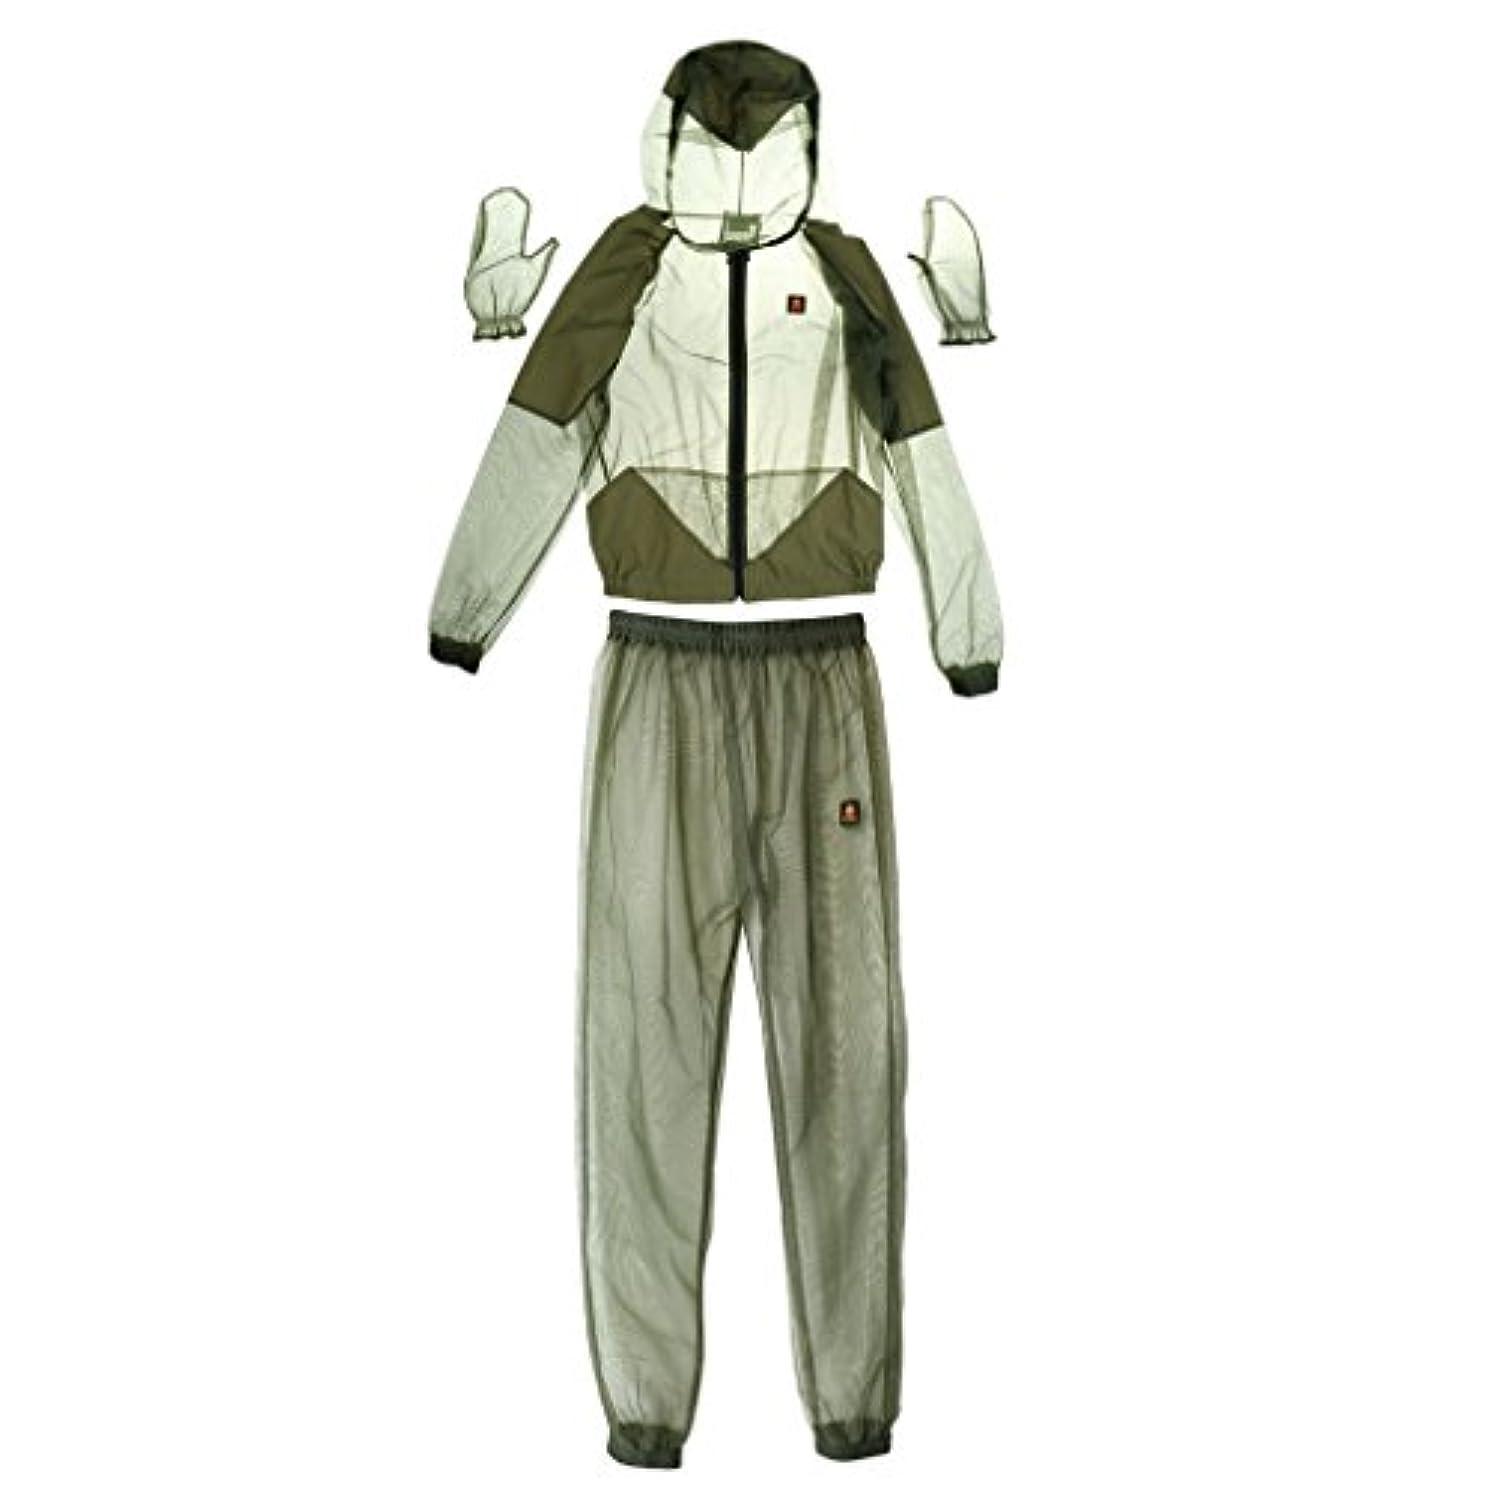 複製するハント判決Perfeclan 蜂 防護服 虫/蚊よけ 服装(ジャケット+パンツ+手袋) 蜂 対策 保護服 軽量 快適 全4サイズ